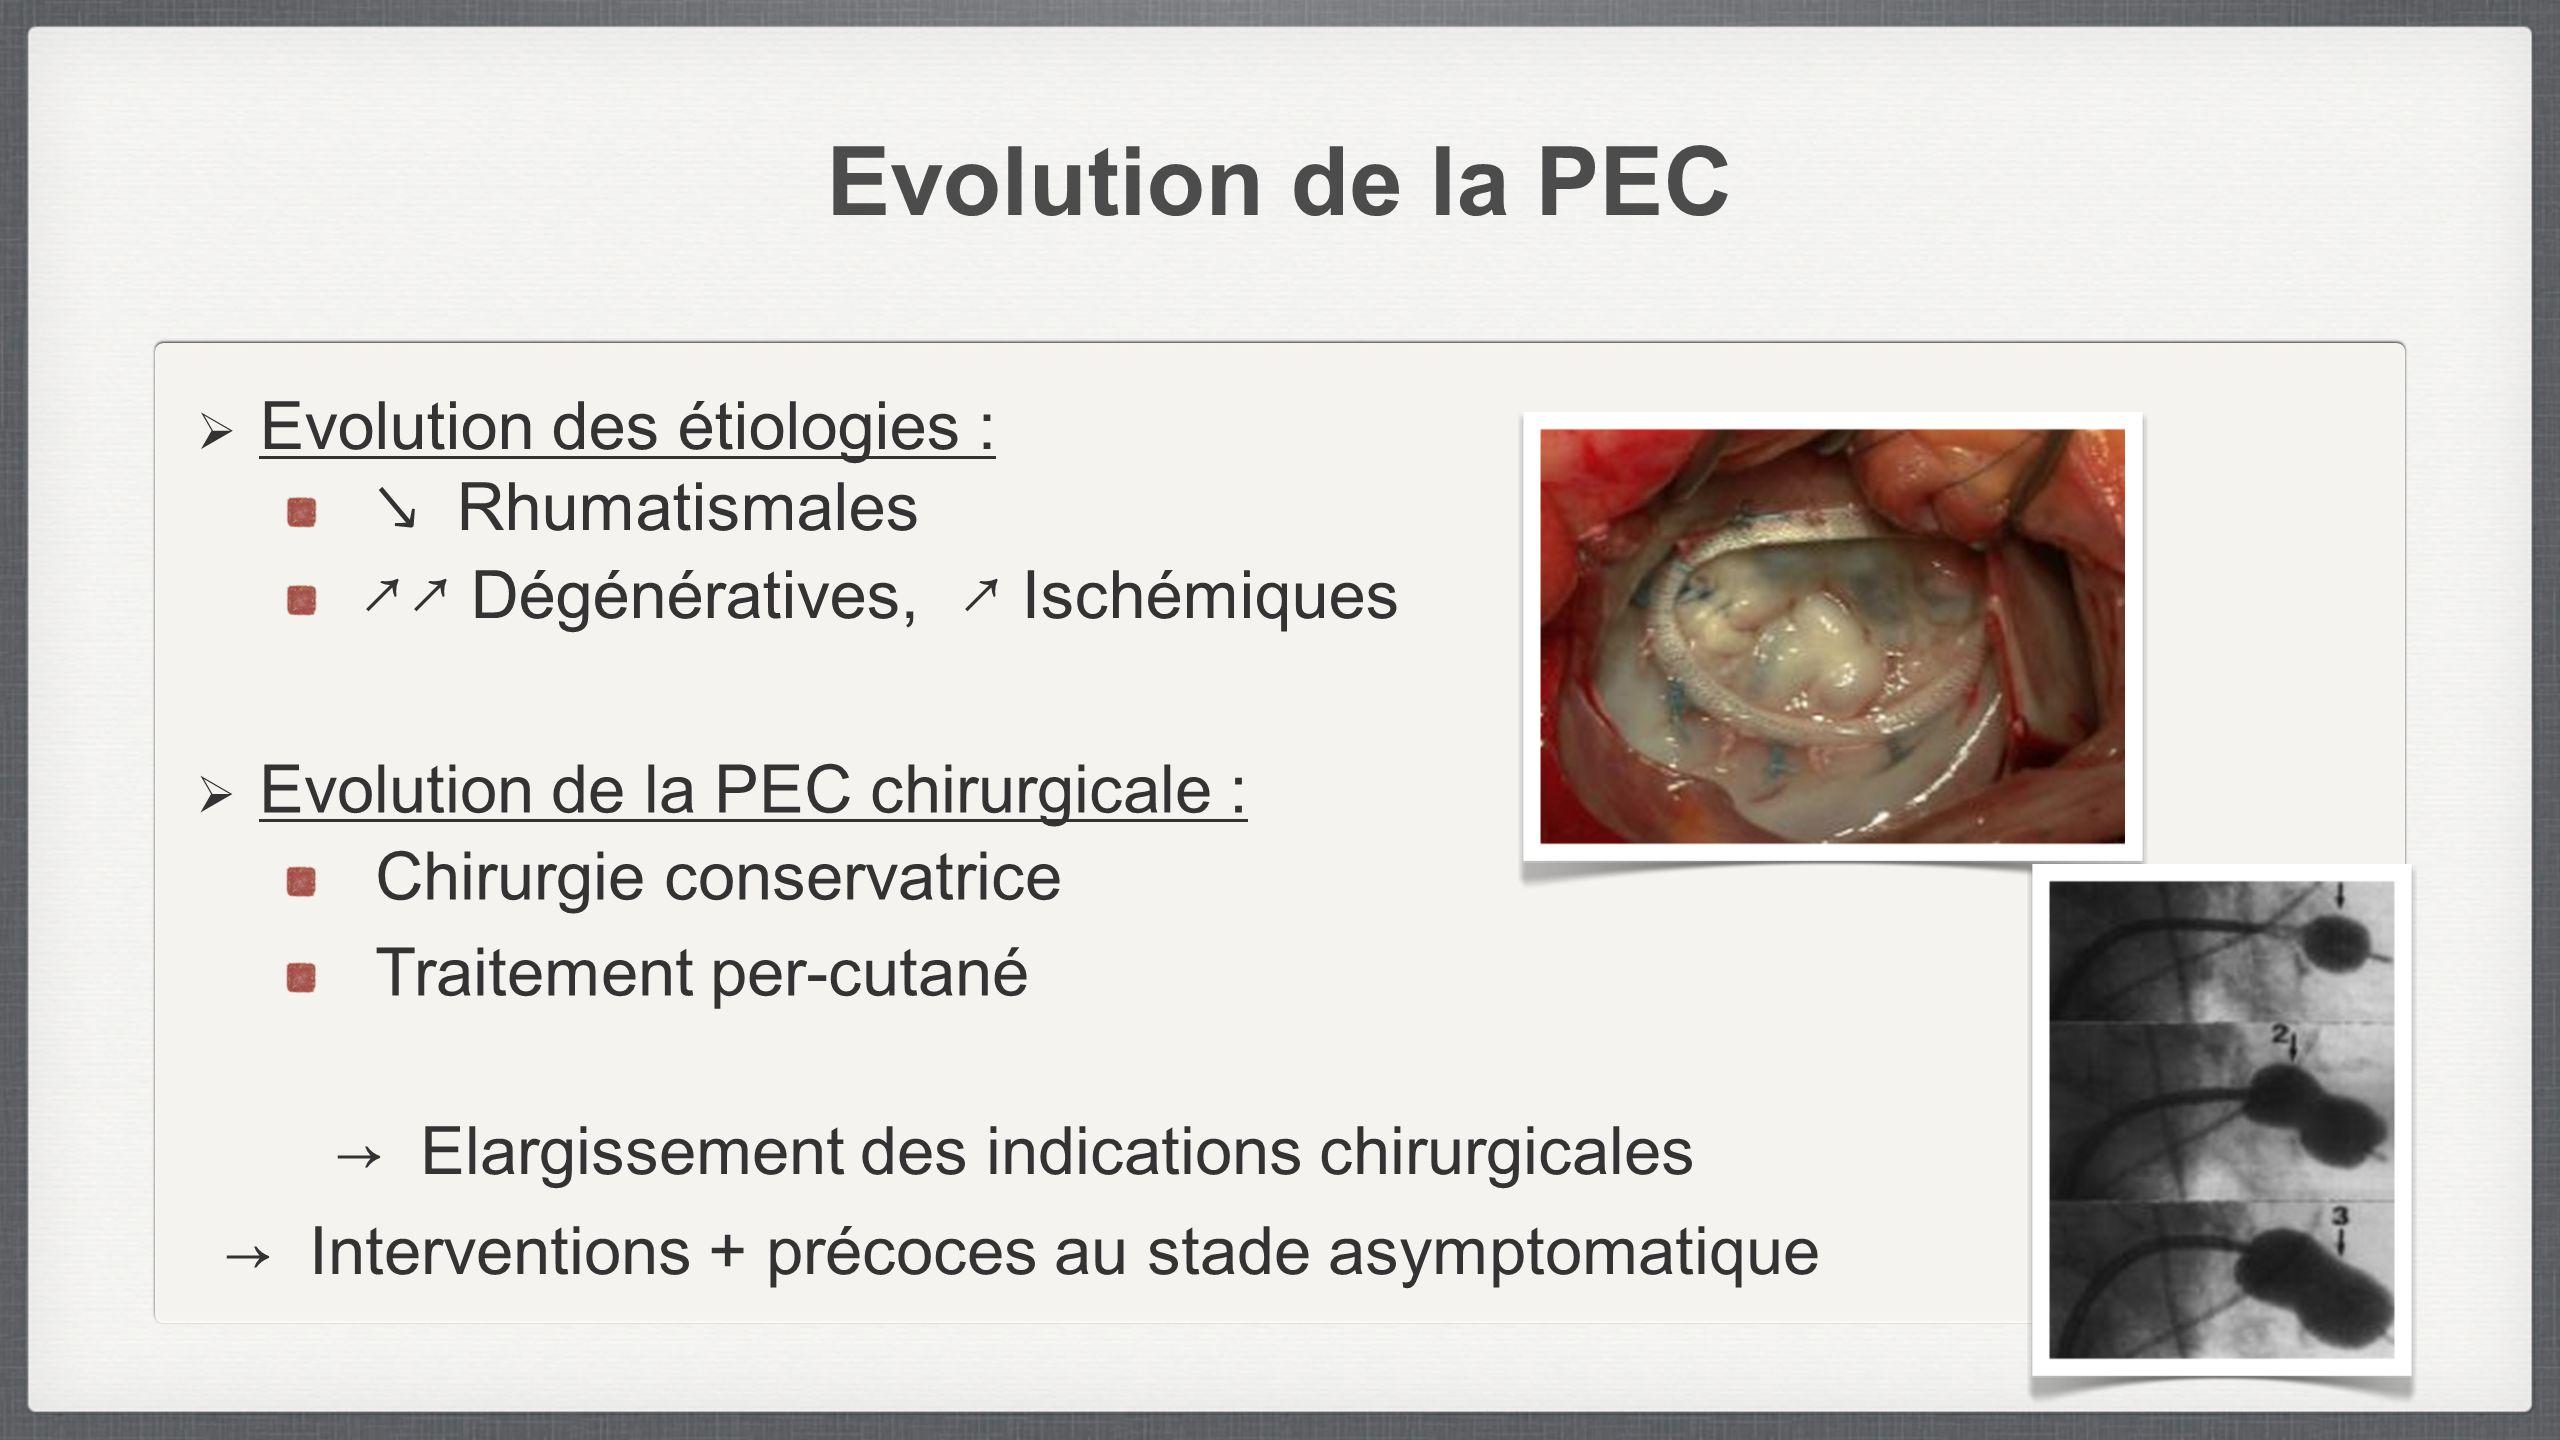 Evolution de la PEC Evolution des étiologies : Rhumatismales Dégénératives, Ischémiques Evolution de la PEC chirurgicale : Chirurgie conservatrice Tra